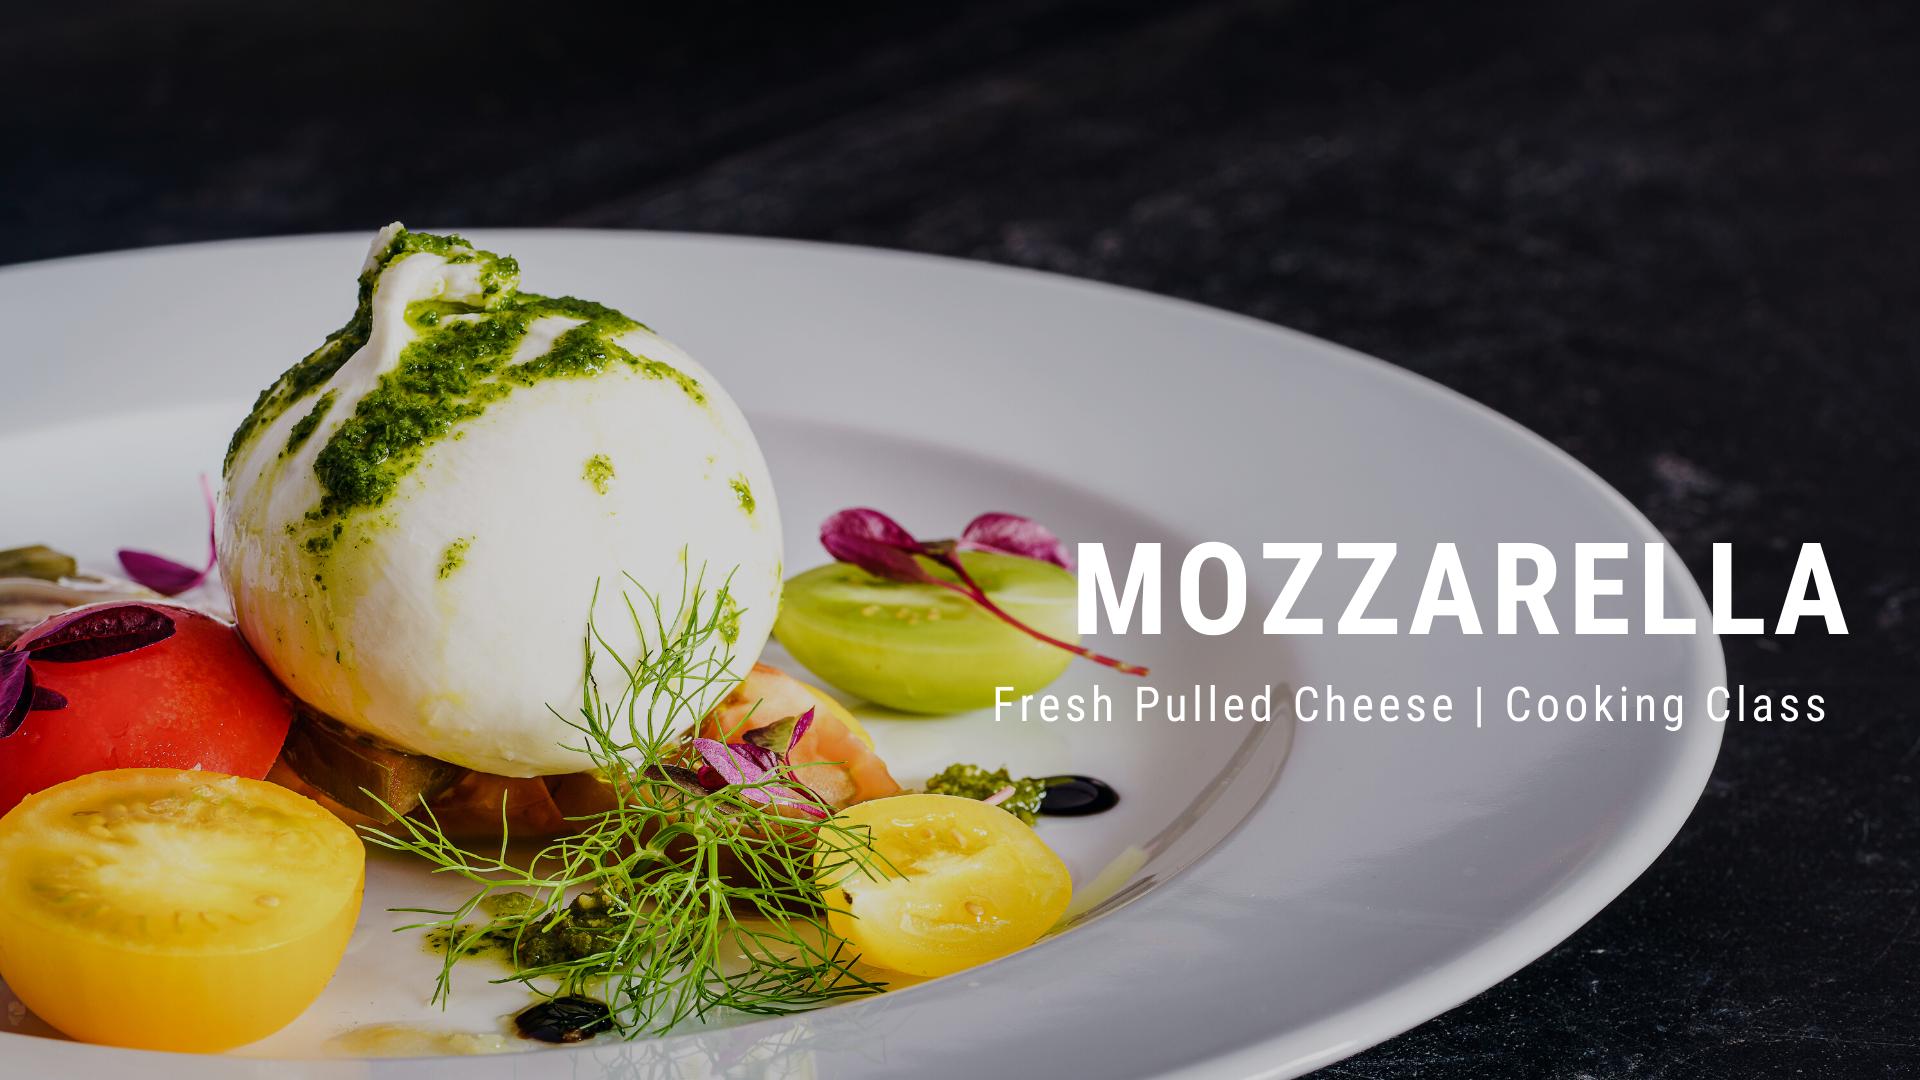 Mozzarella Cooking Class